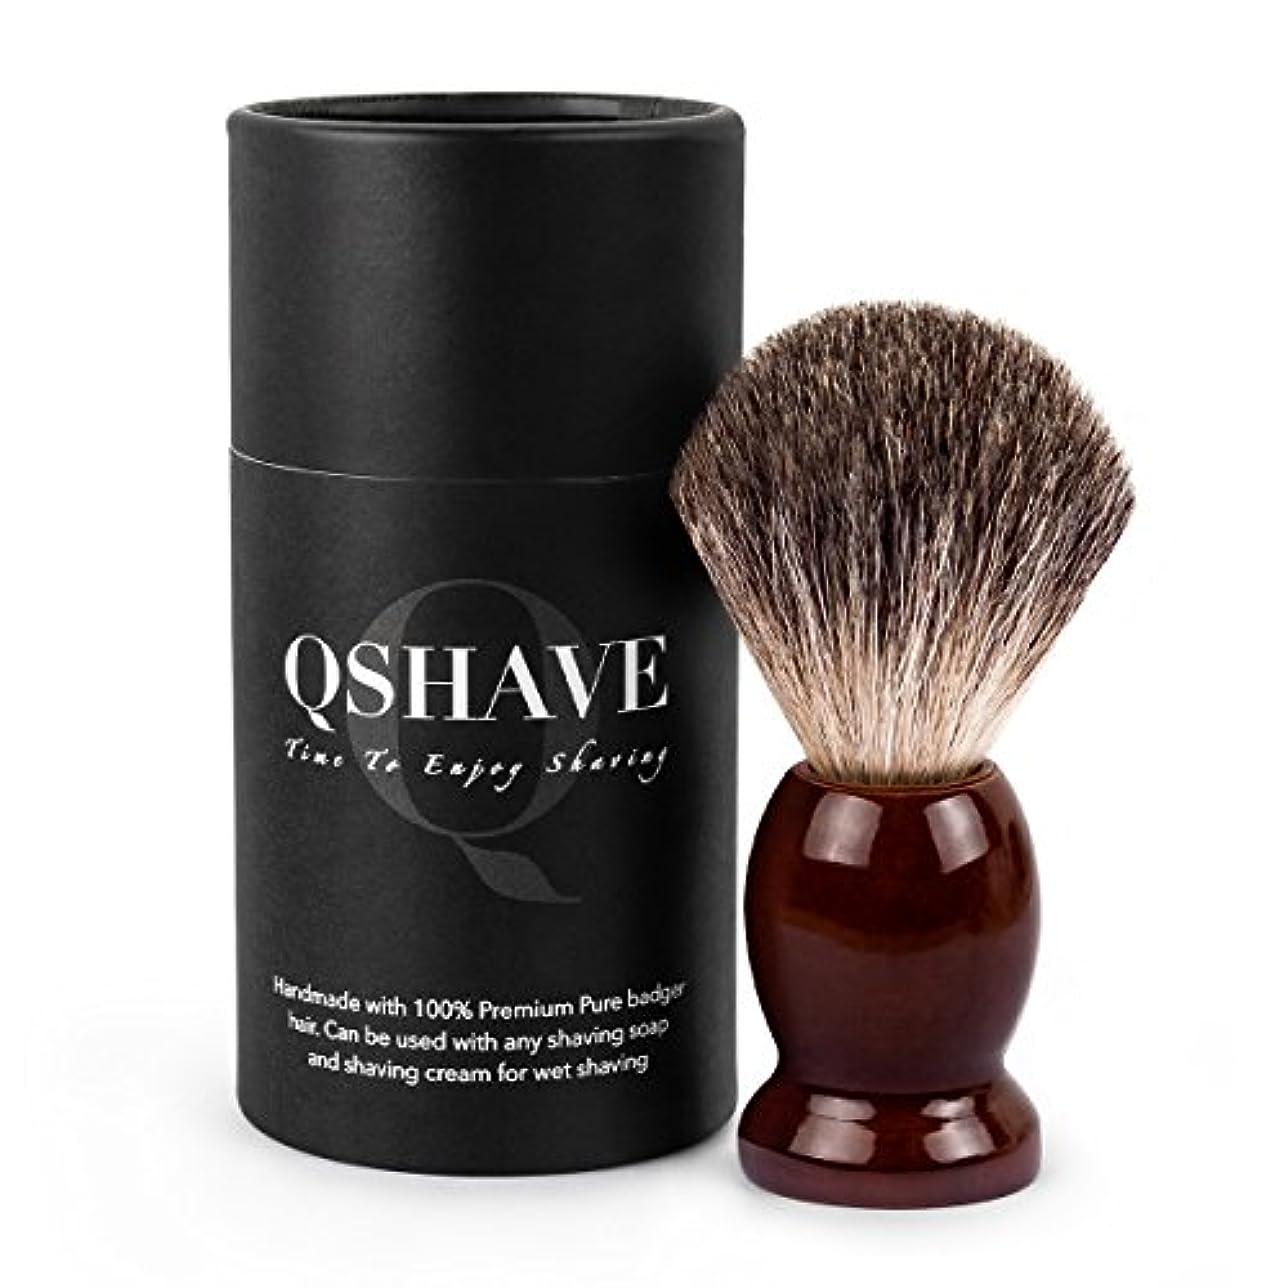 拍手解決千QSHAVE 100%最高級アナグマ毛オリジナルハンドメイドシェービングブラシ。木製ベース。ウェットシェービング、安全カミソリ、両刃カミソリに最適